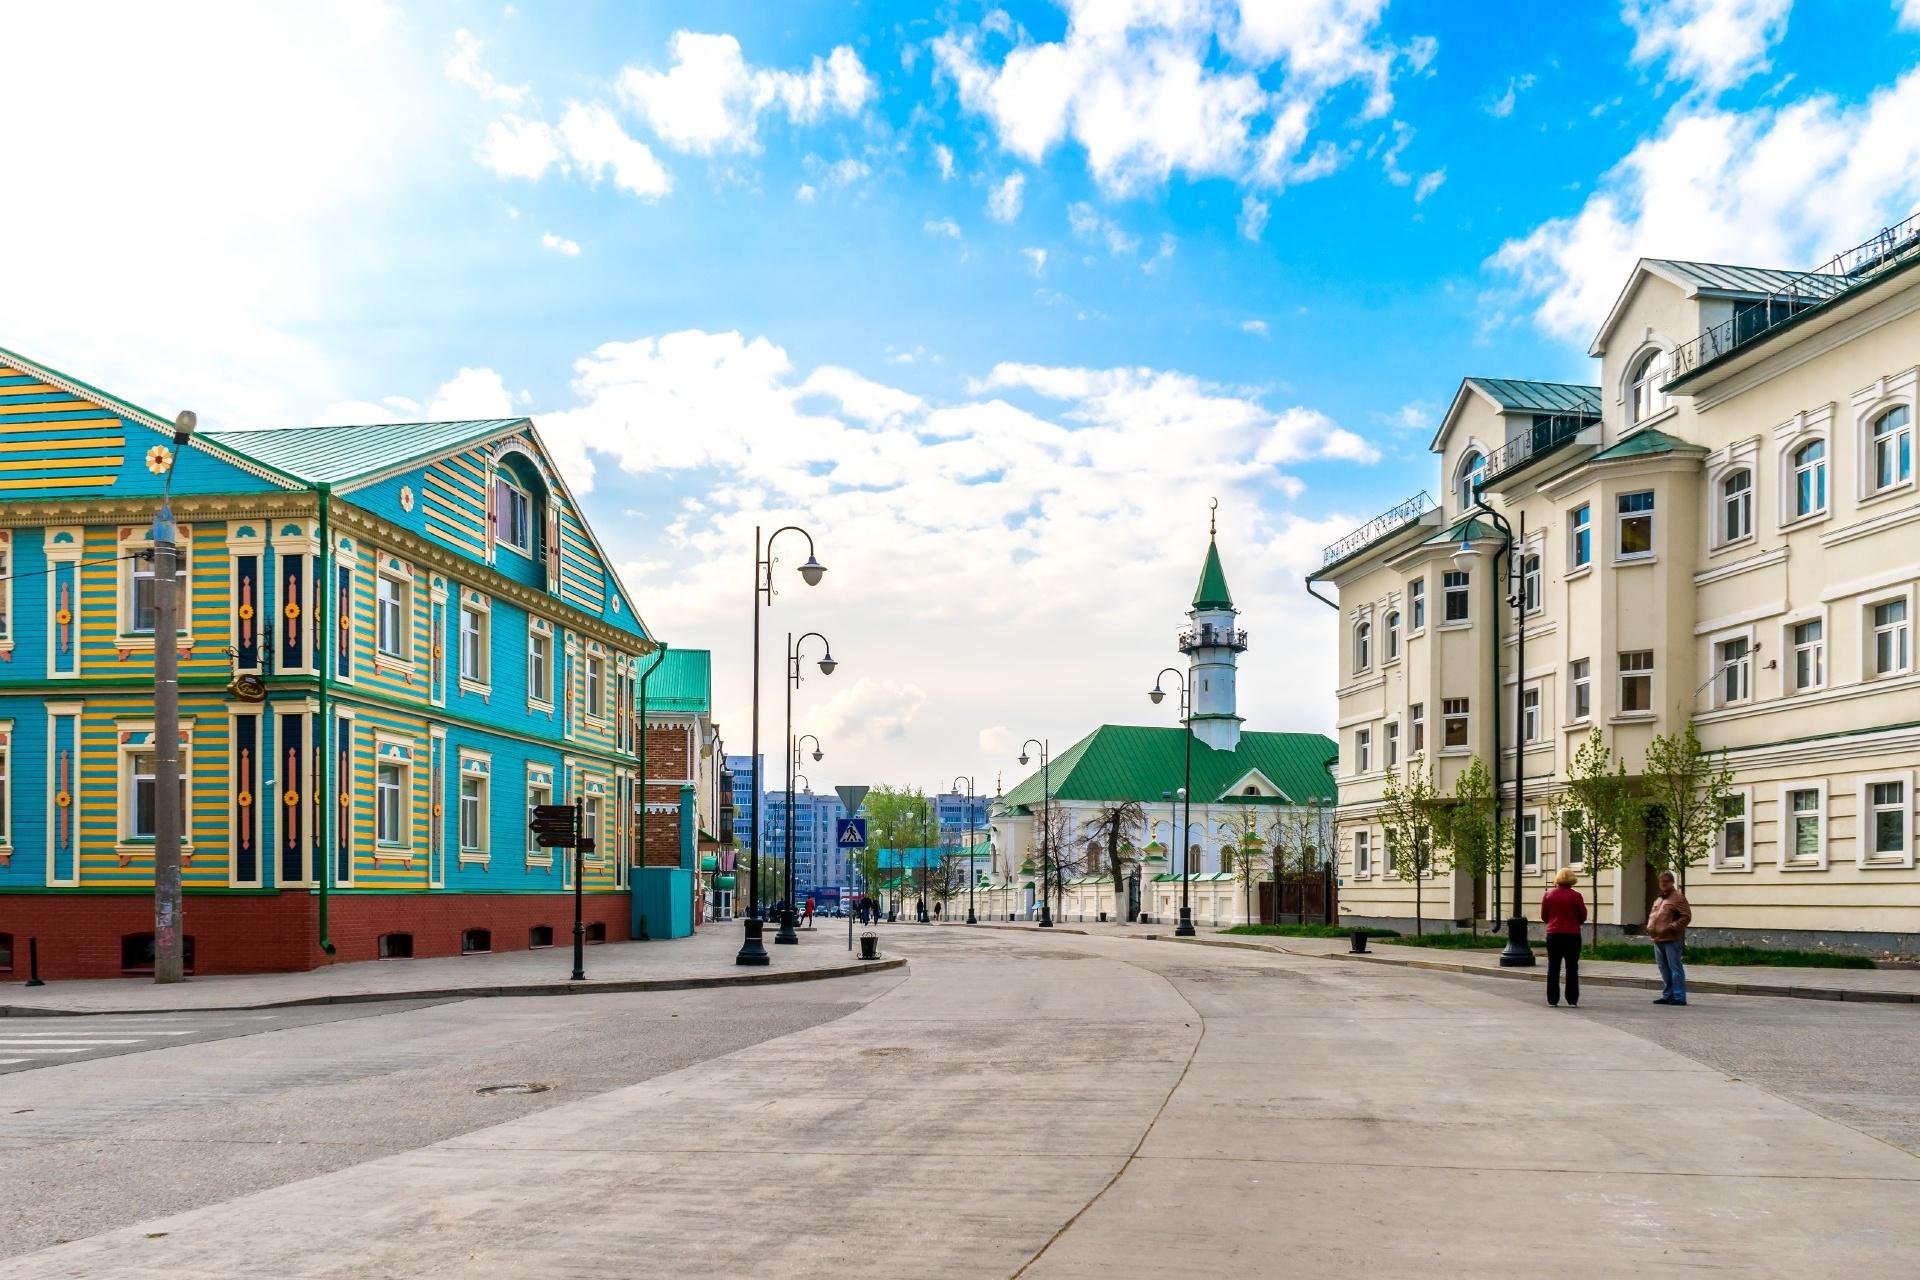 ロシア連邦・タタールスタン共和国の首都カザンの旧タタール・スロボダ